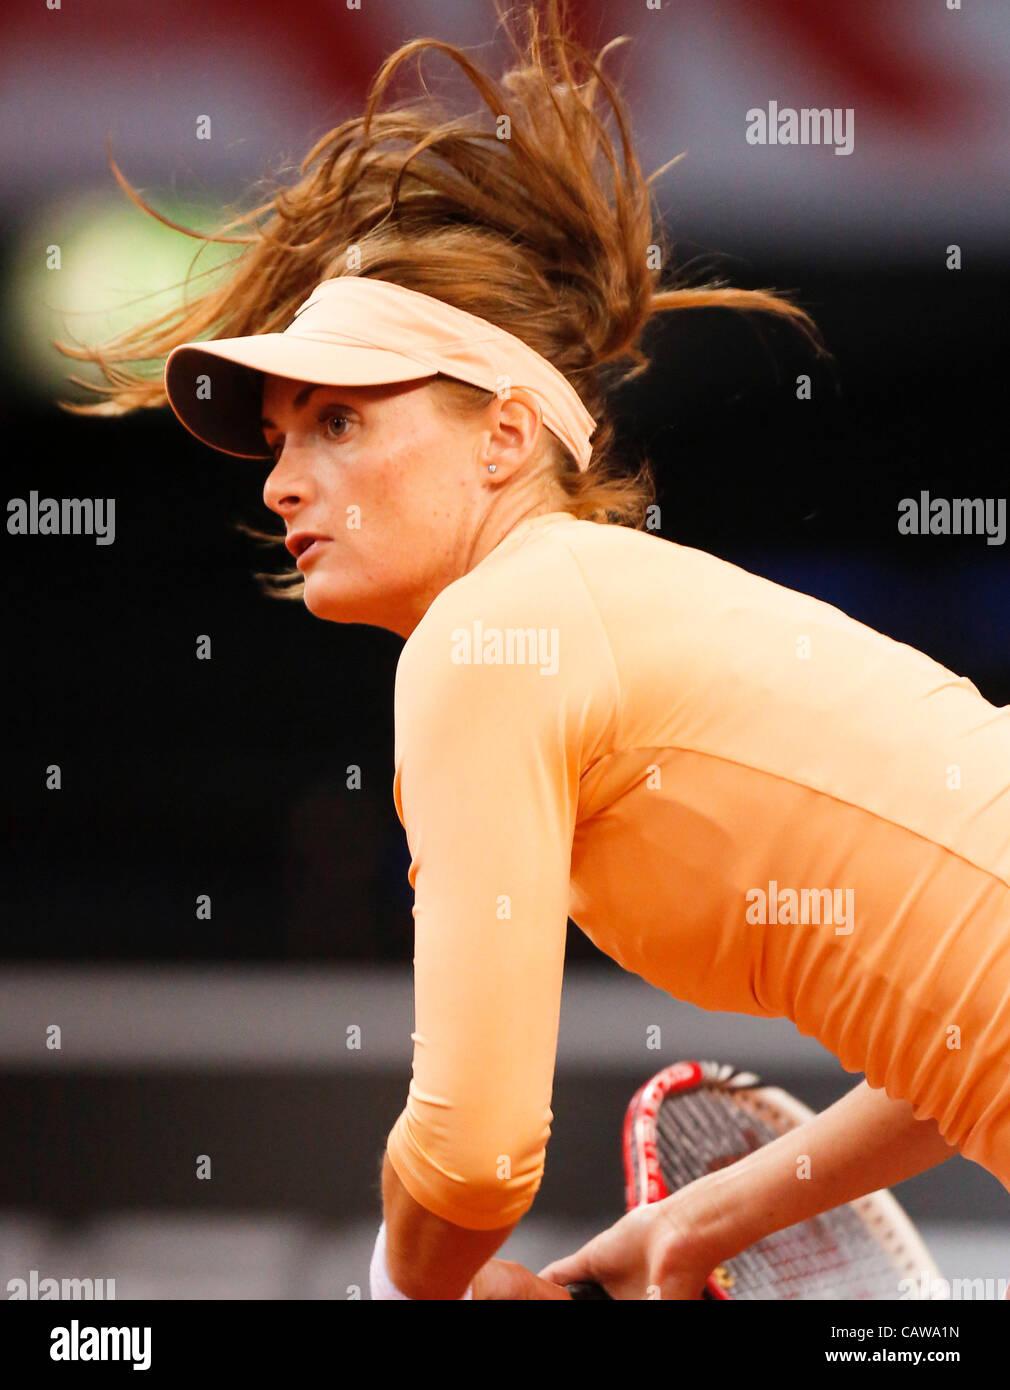 Iveta BENESOVA (CZE) Aktion Aufschlag,  Portrait, Kopf, Gesicht, Tennisball, Einzelbild , Haare fliegen durch die - Stock Image